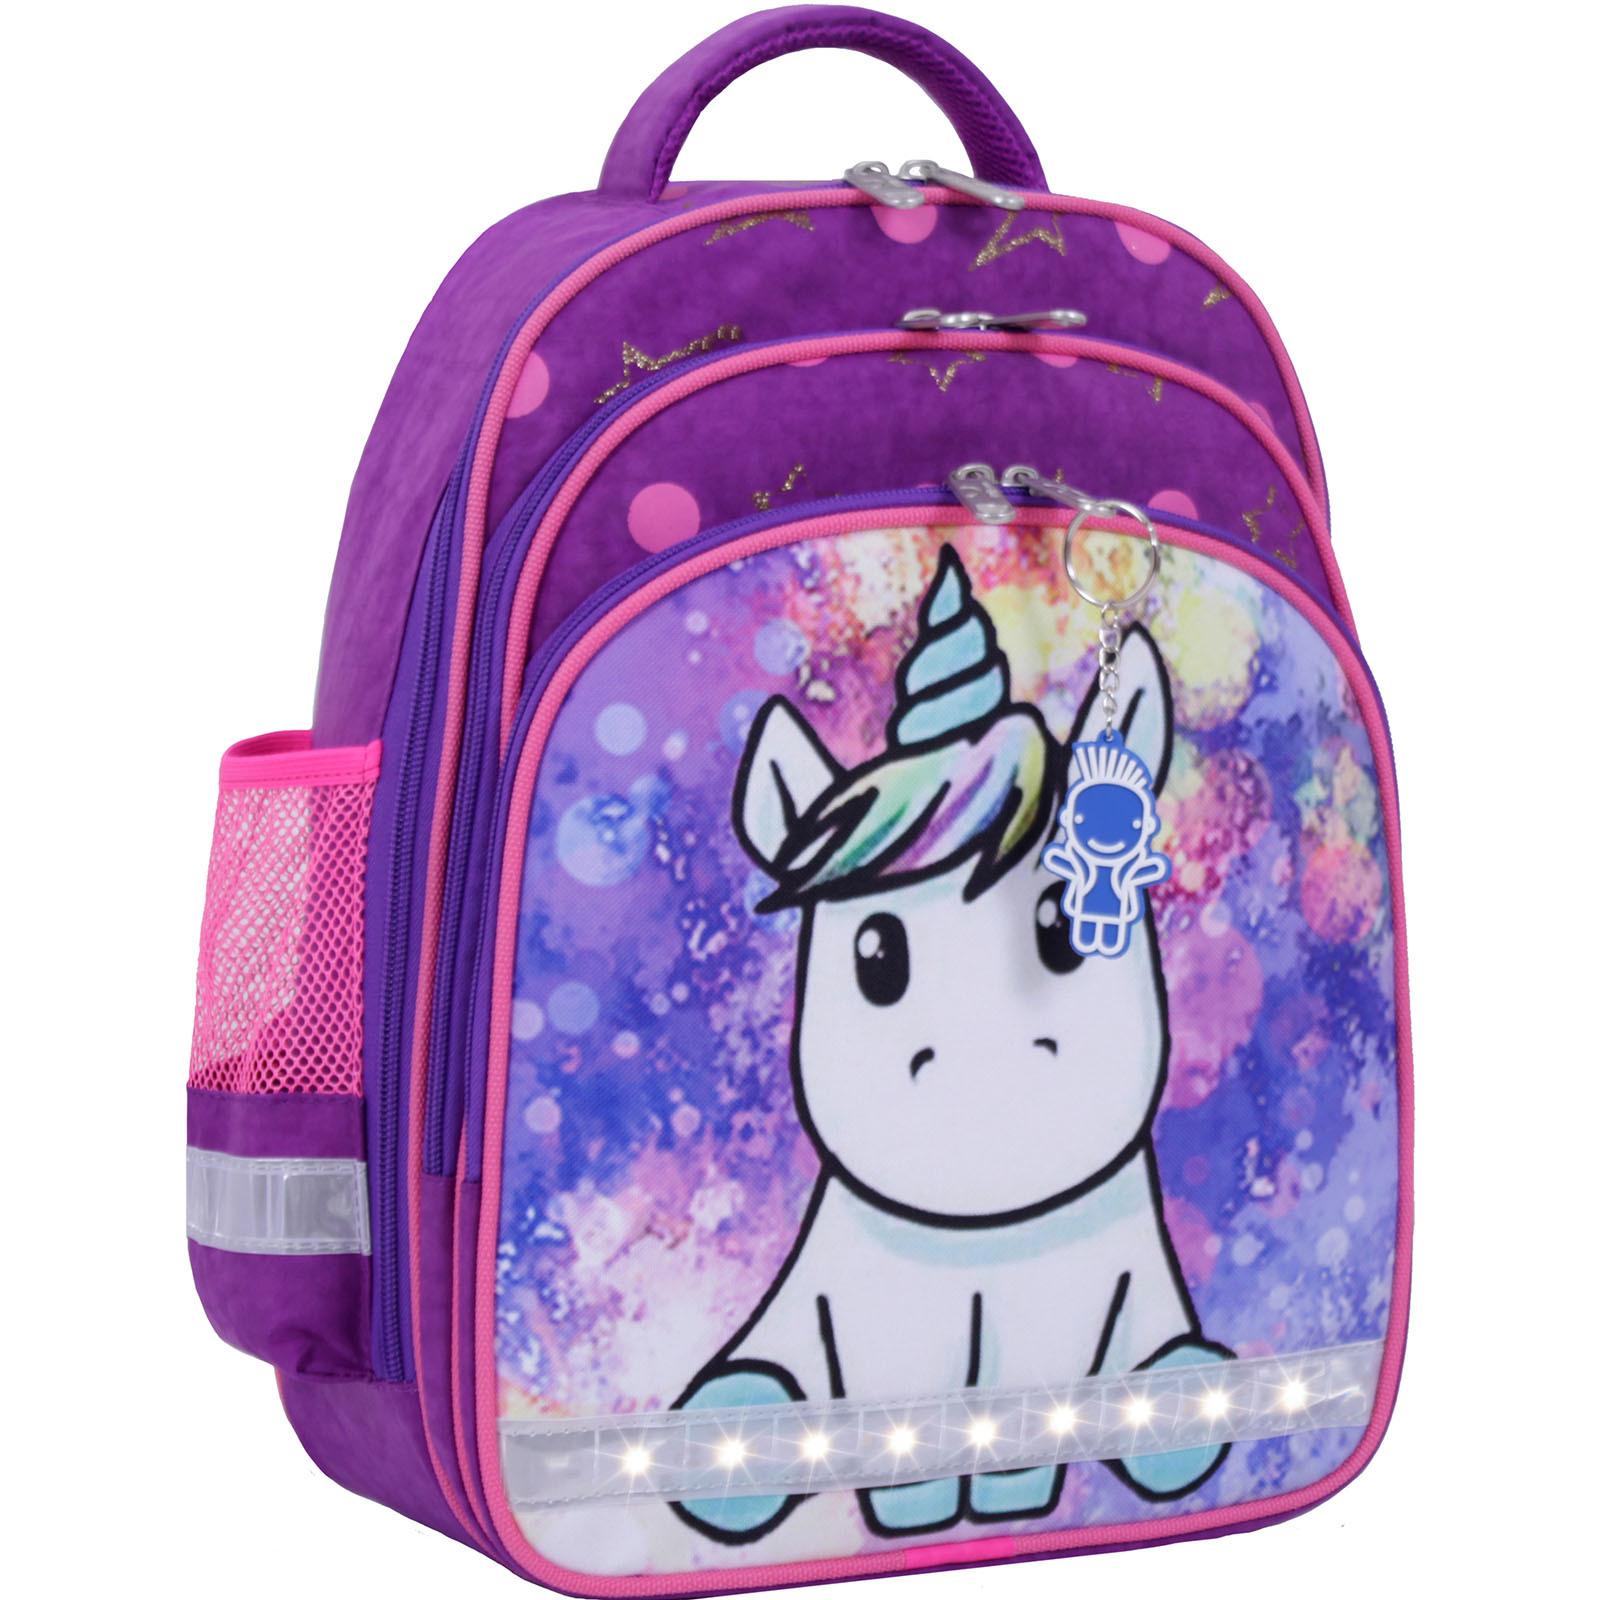 Для детей Рюкзак школьный Bagland Mouse 339 фиолетовый 428 (00513702) IMG_1345.JPG